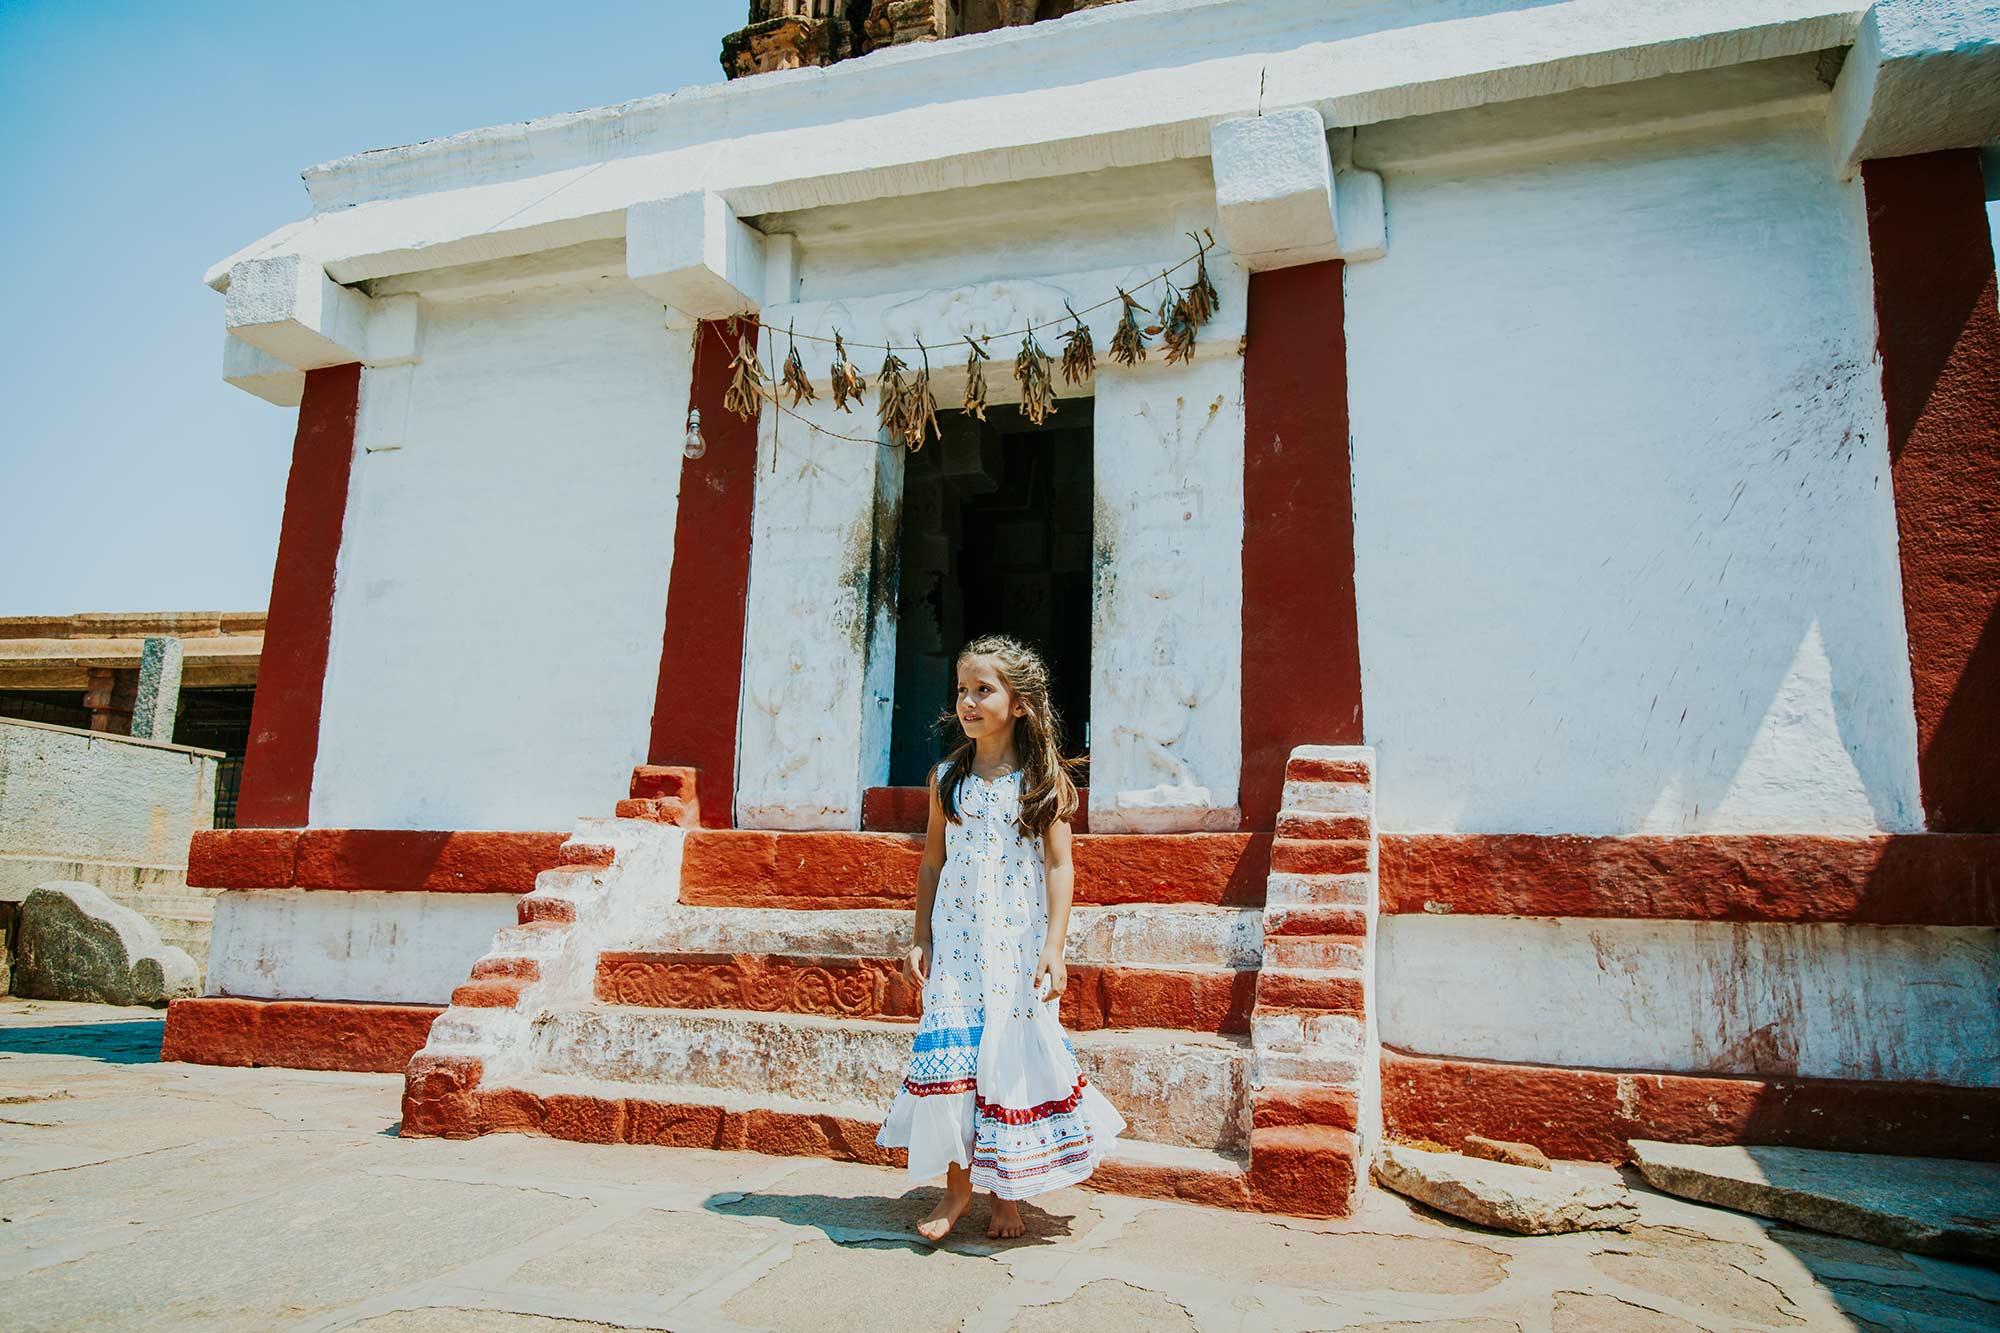 Visitando el templo de Bhoga Nandeeshwara